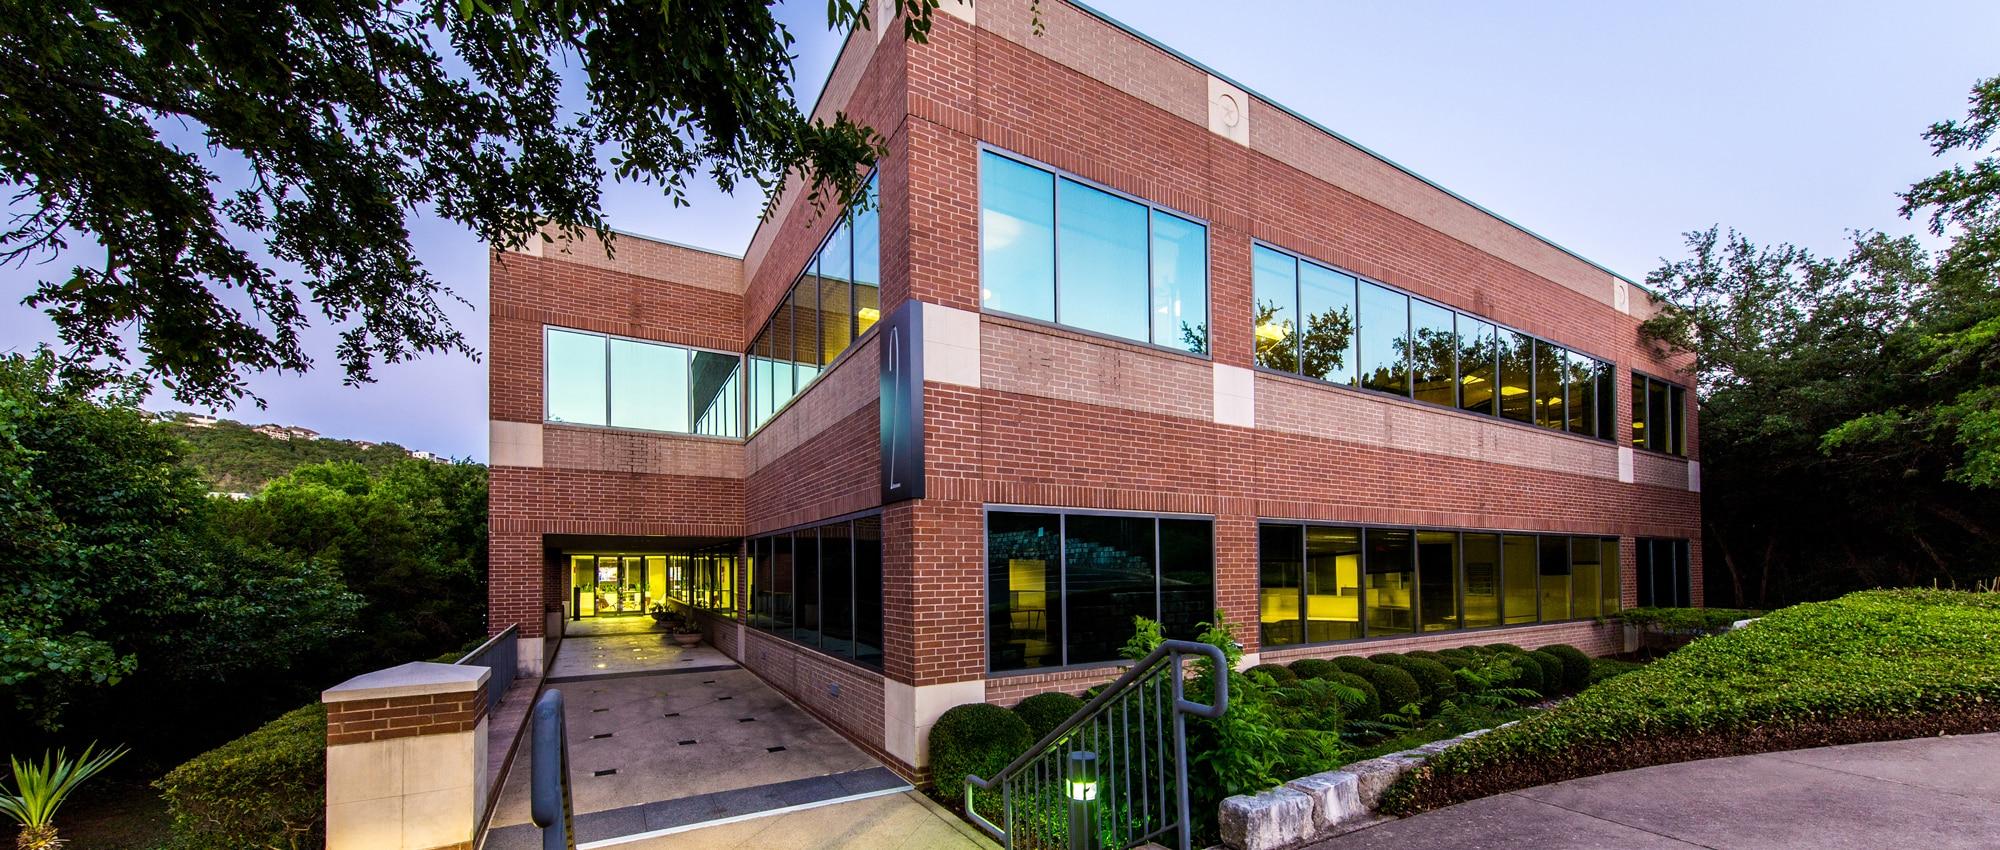 Lakewood Center I + II | 6801 N. Capital of Texas Hwy